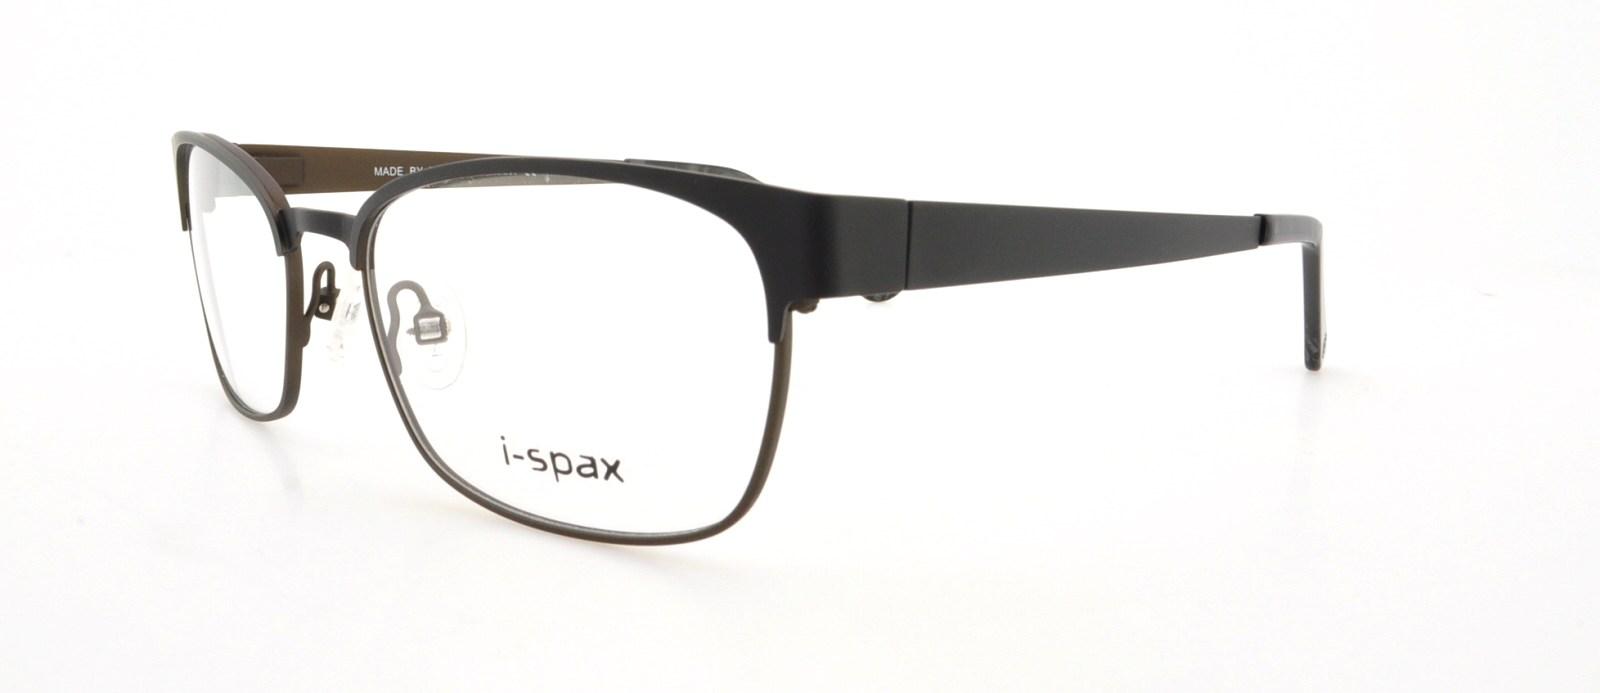 I-Spax - Designer Frames Outlet